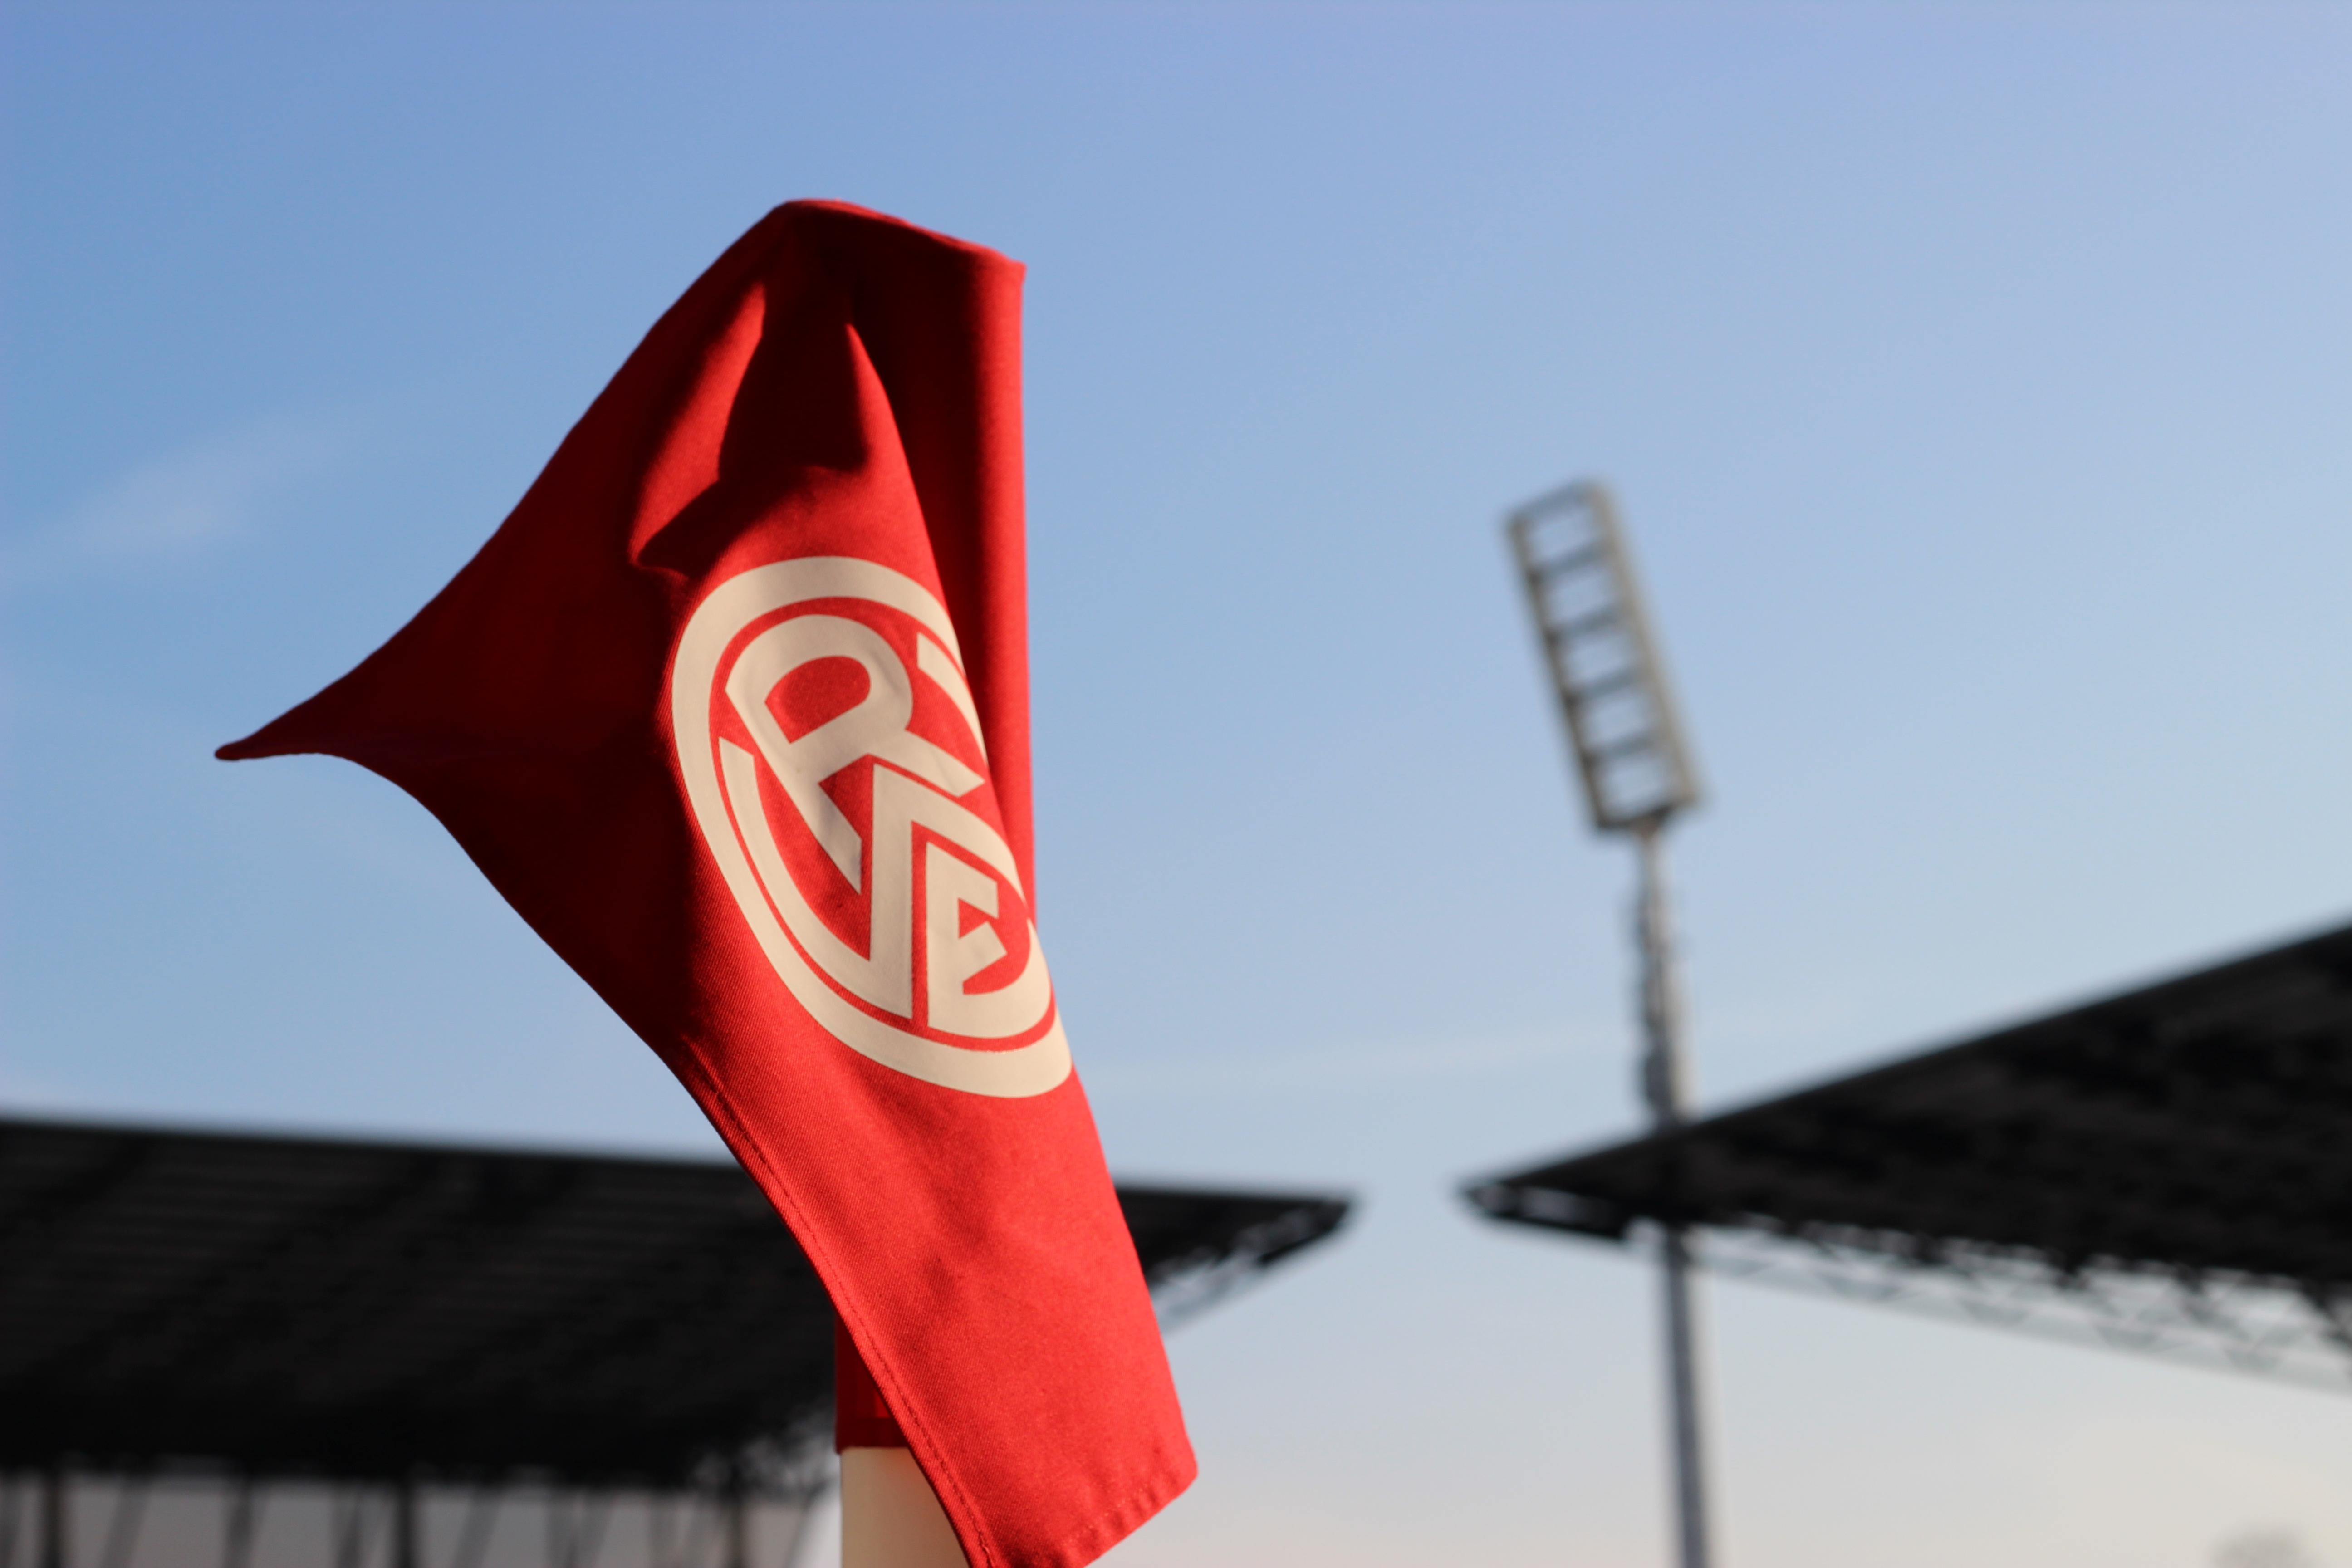 Das Spiel zwischen Rot-Weiss Essen und dem KFC Uerdingen findet am 13. März statt.